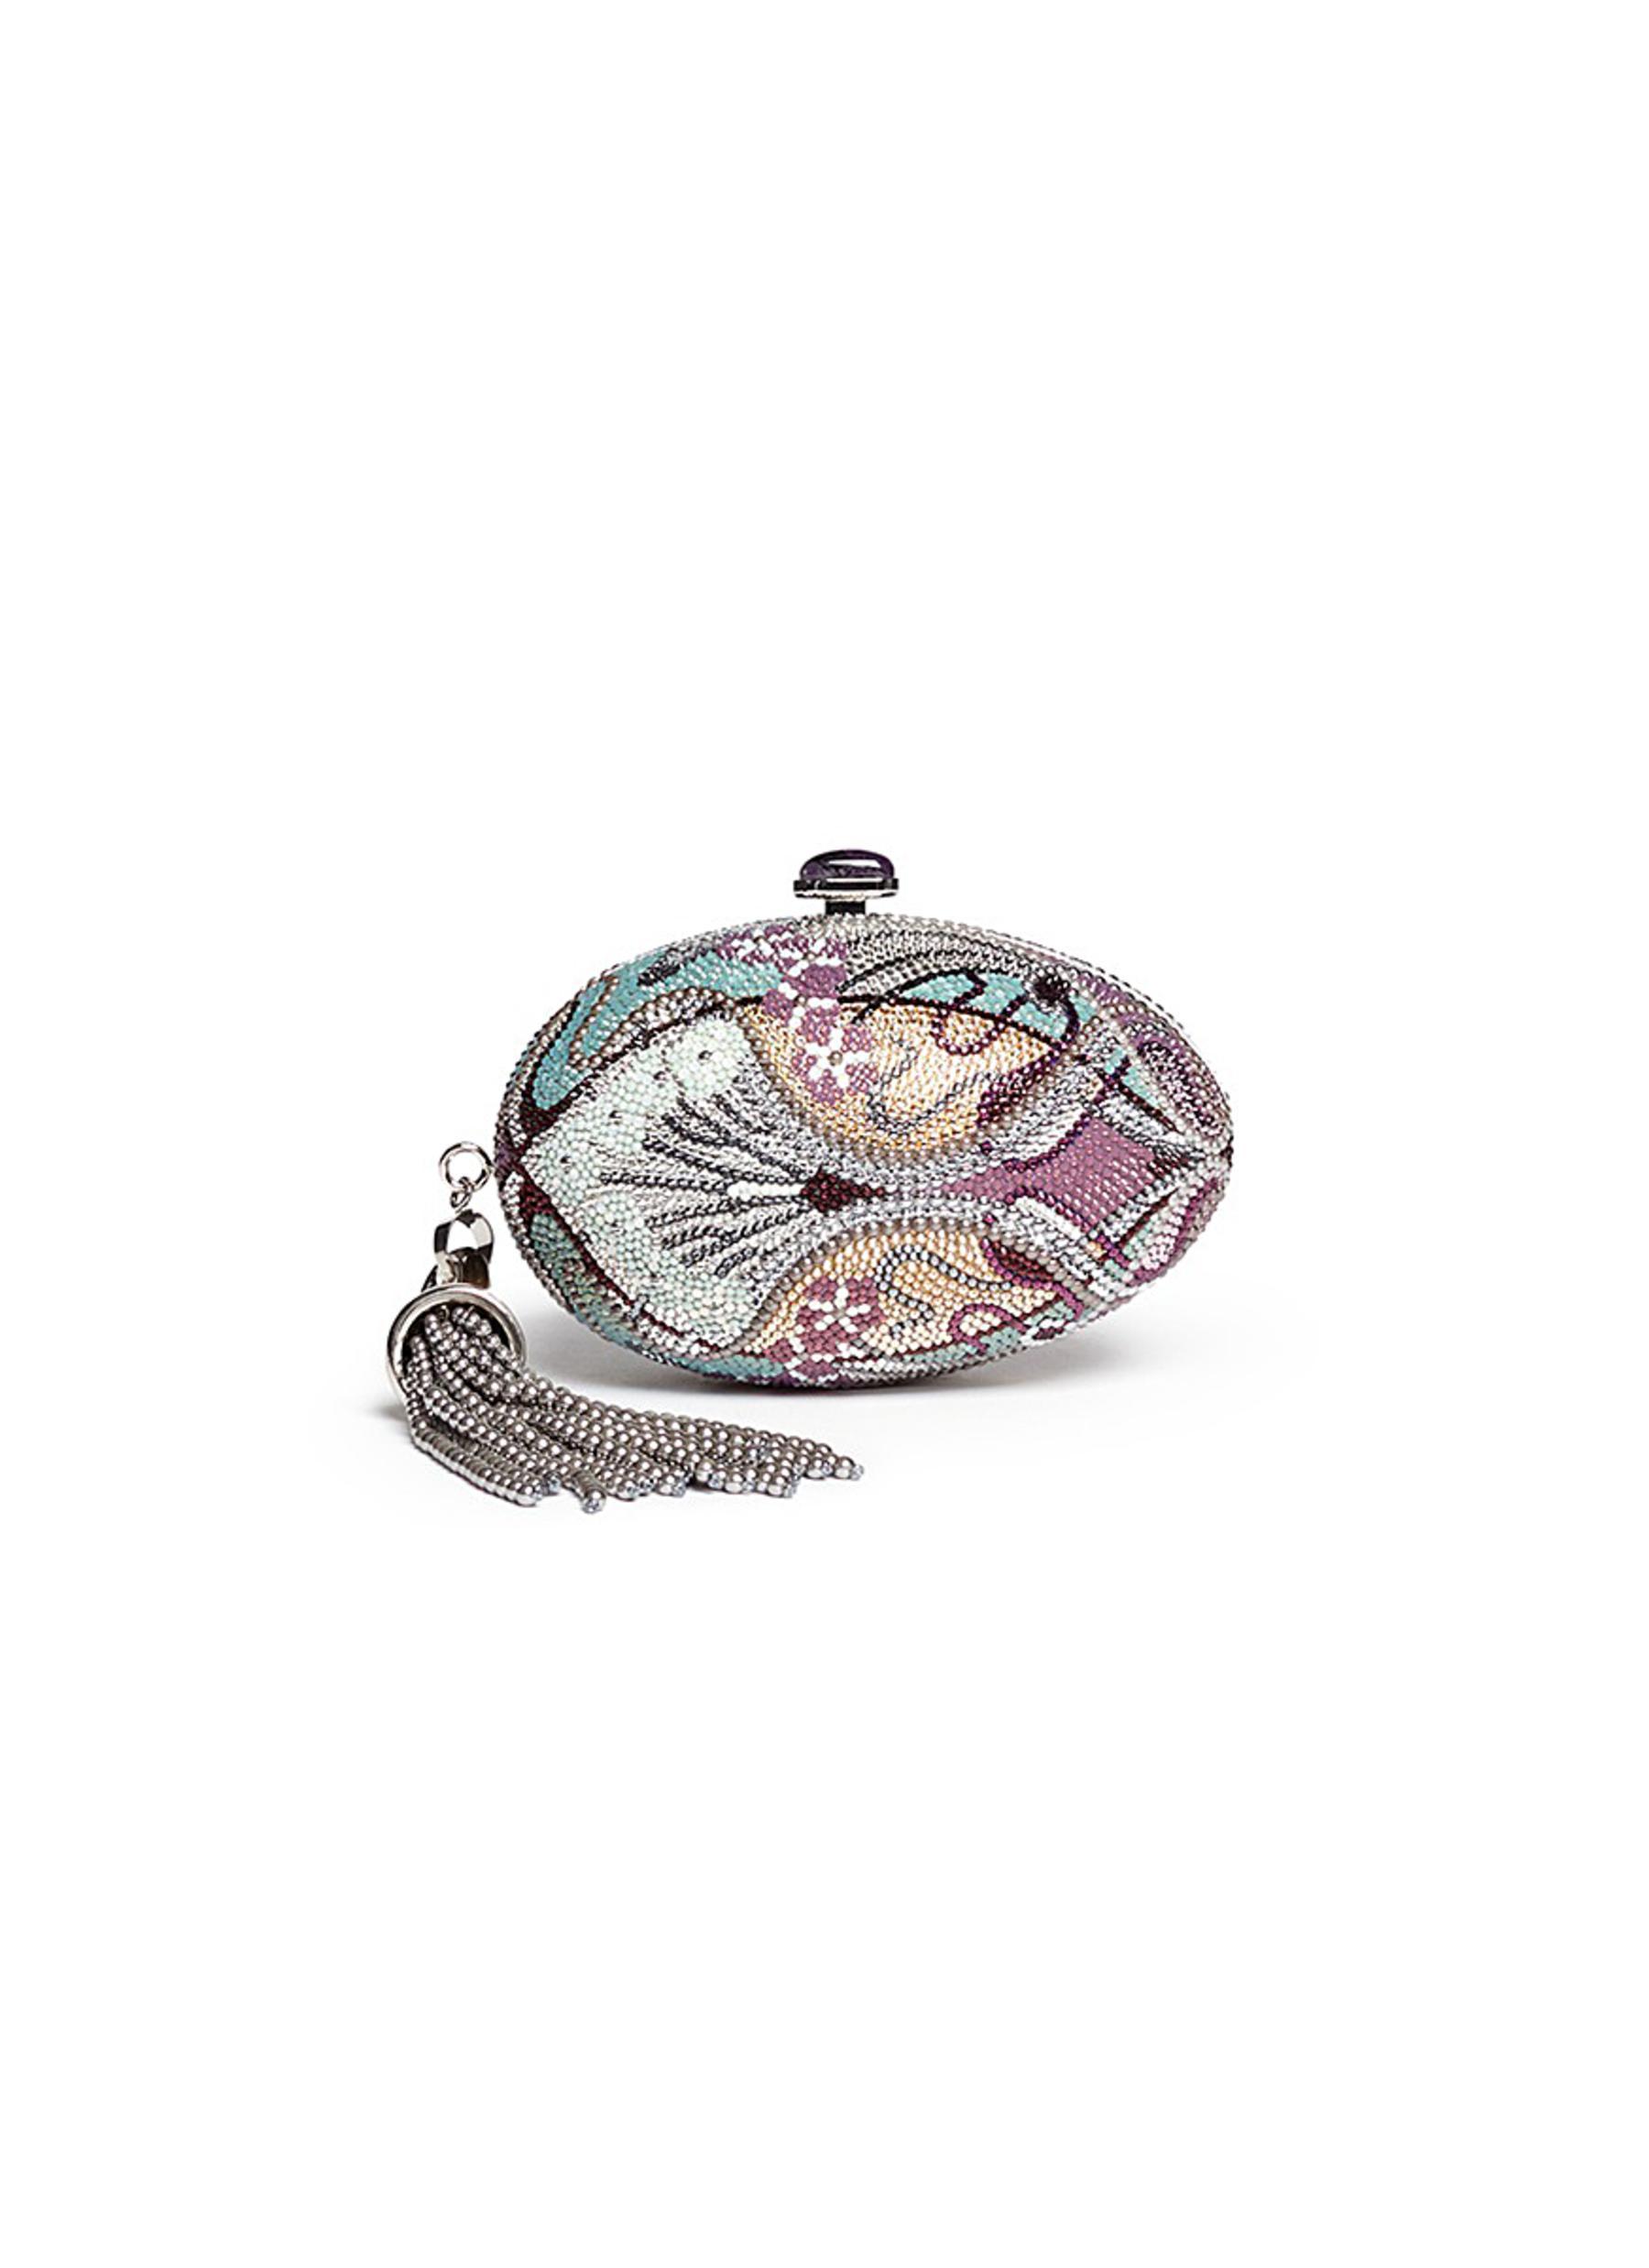 Egg Fantasia crystal pavé minaudière by Judith Leiber